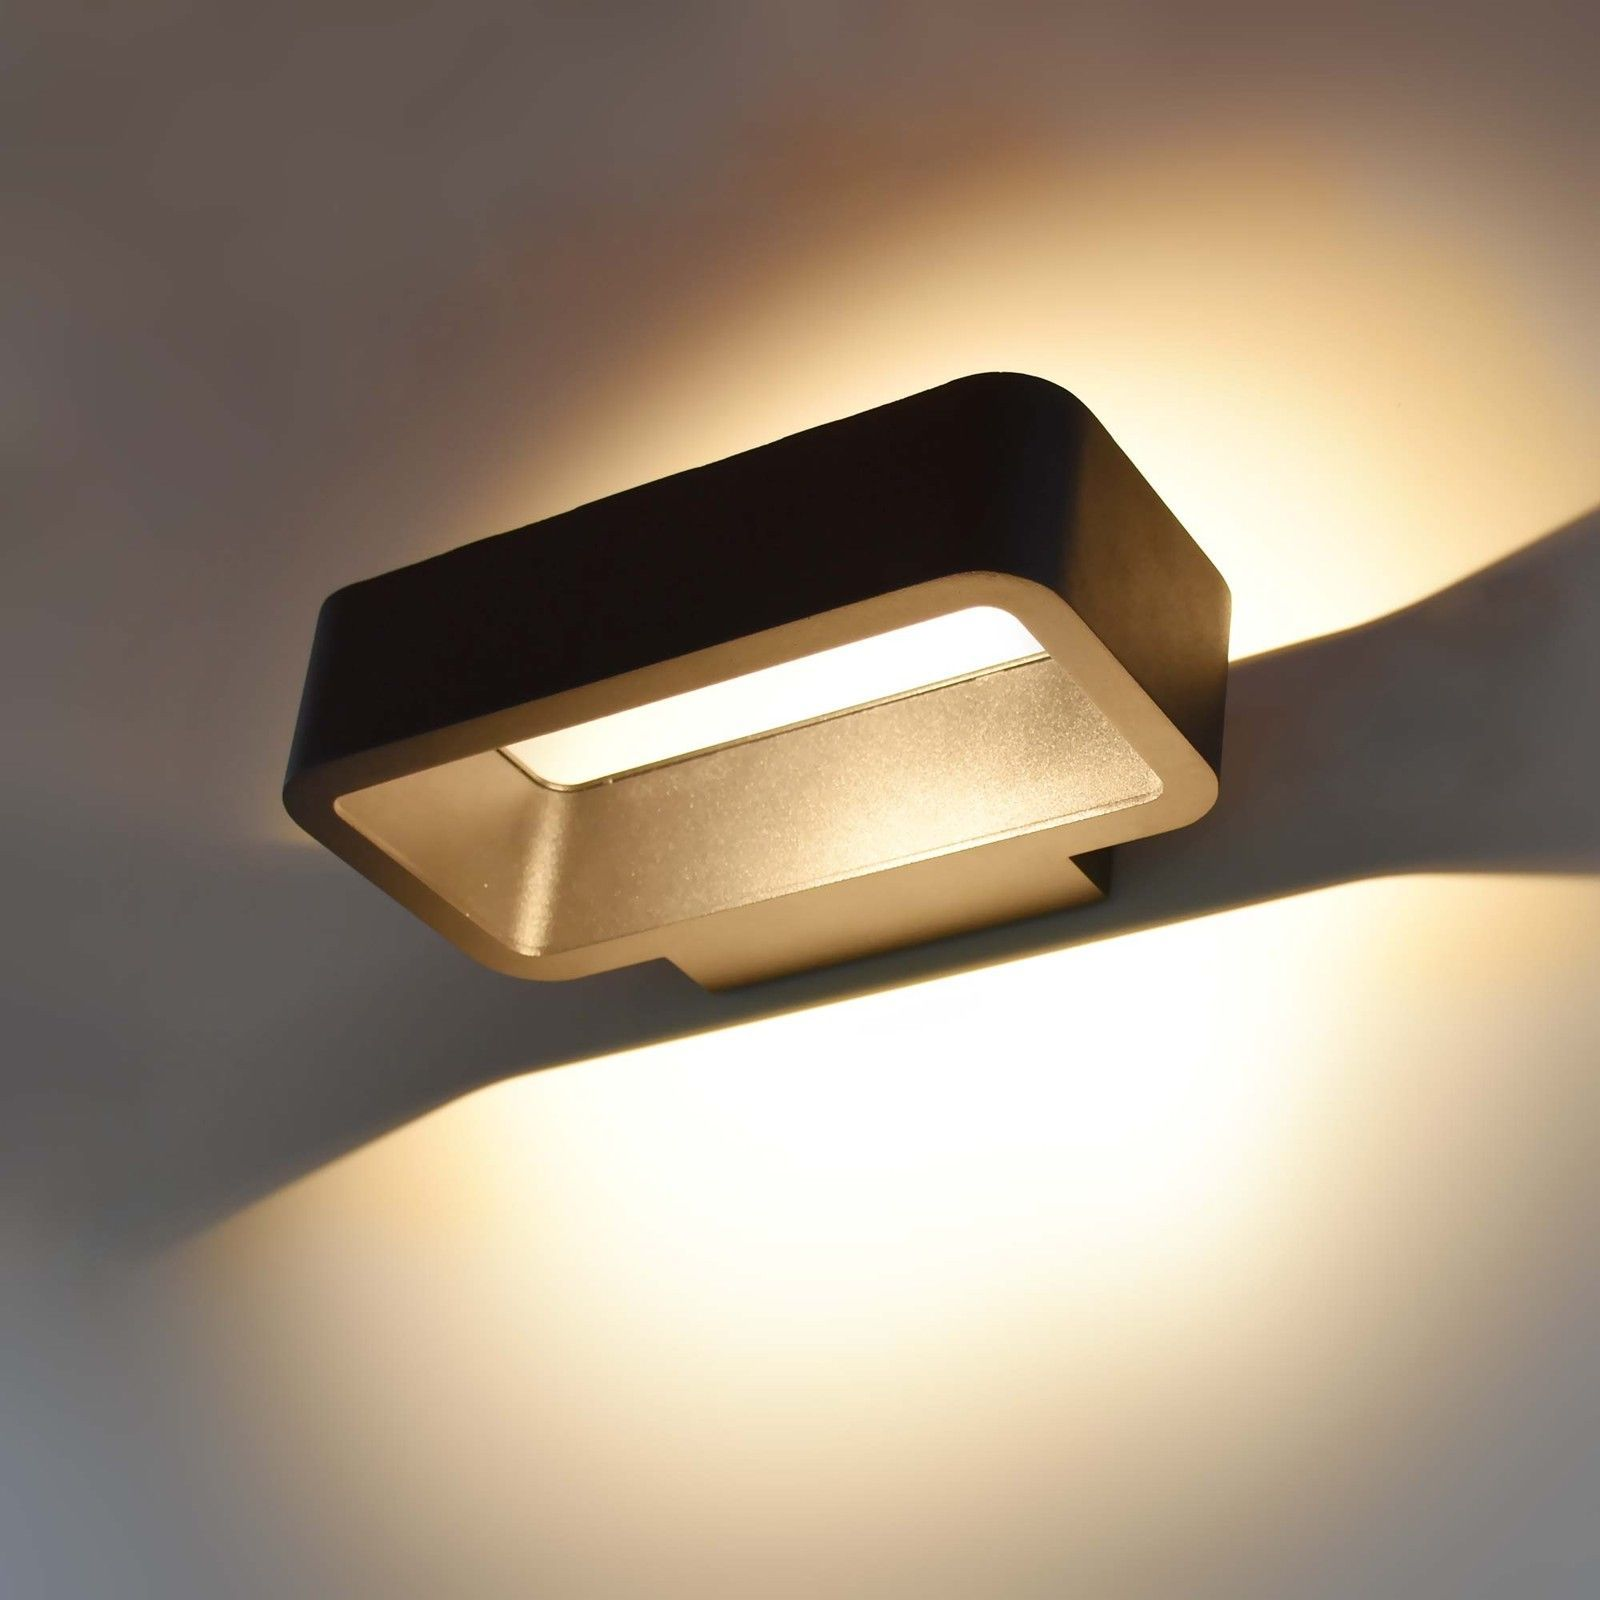 Moderne Led Aussenleuchte Wandleuchte Aussenlampe Up Down Lampe Leuchte Schwarz Ebay Aussenlampe Led Lampe Mit Bewegungsmelder Lampe Mit Bewegungsmelder